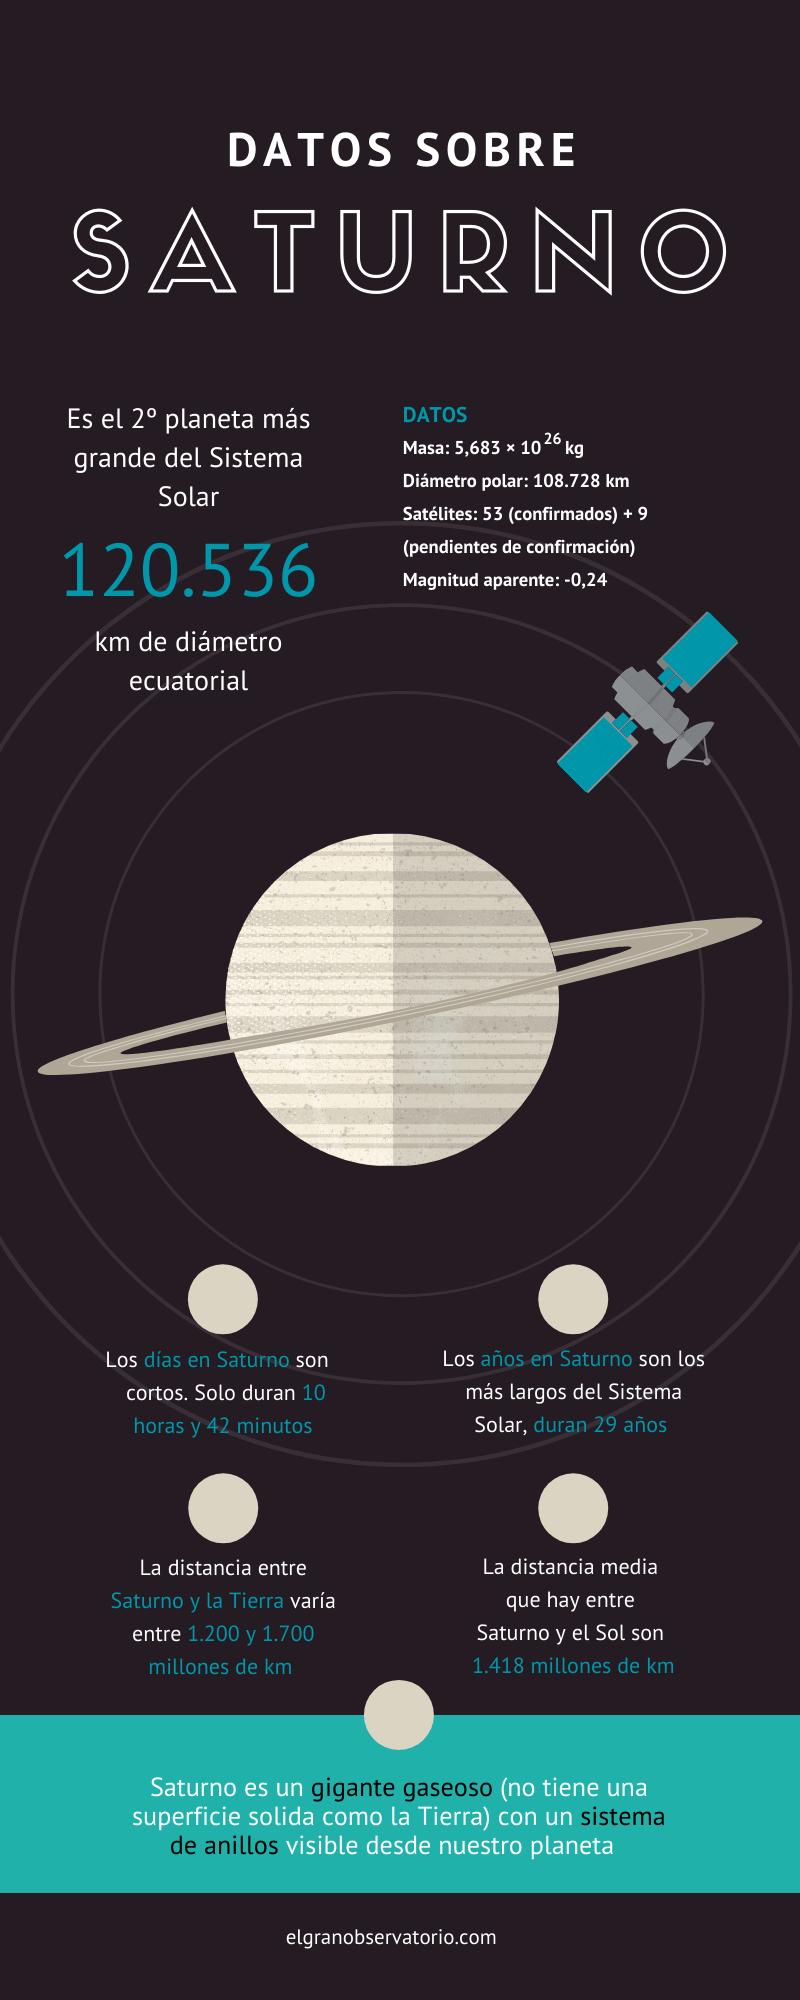 Todos los datos sobre Saturno